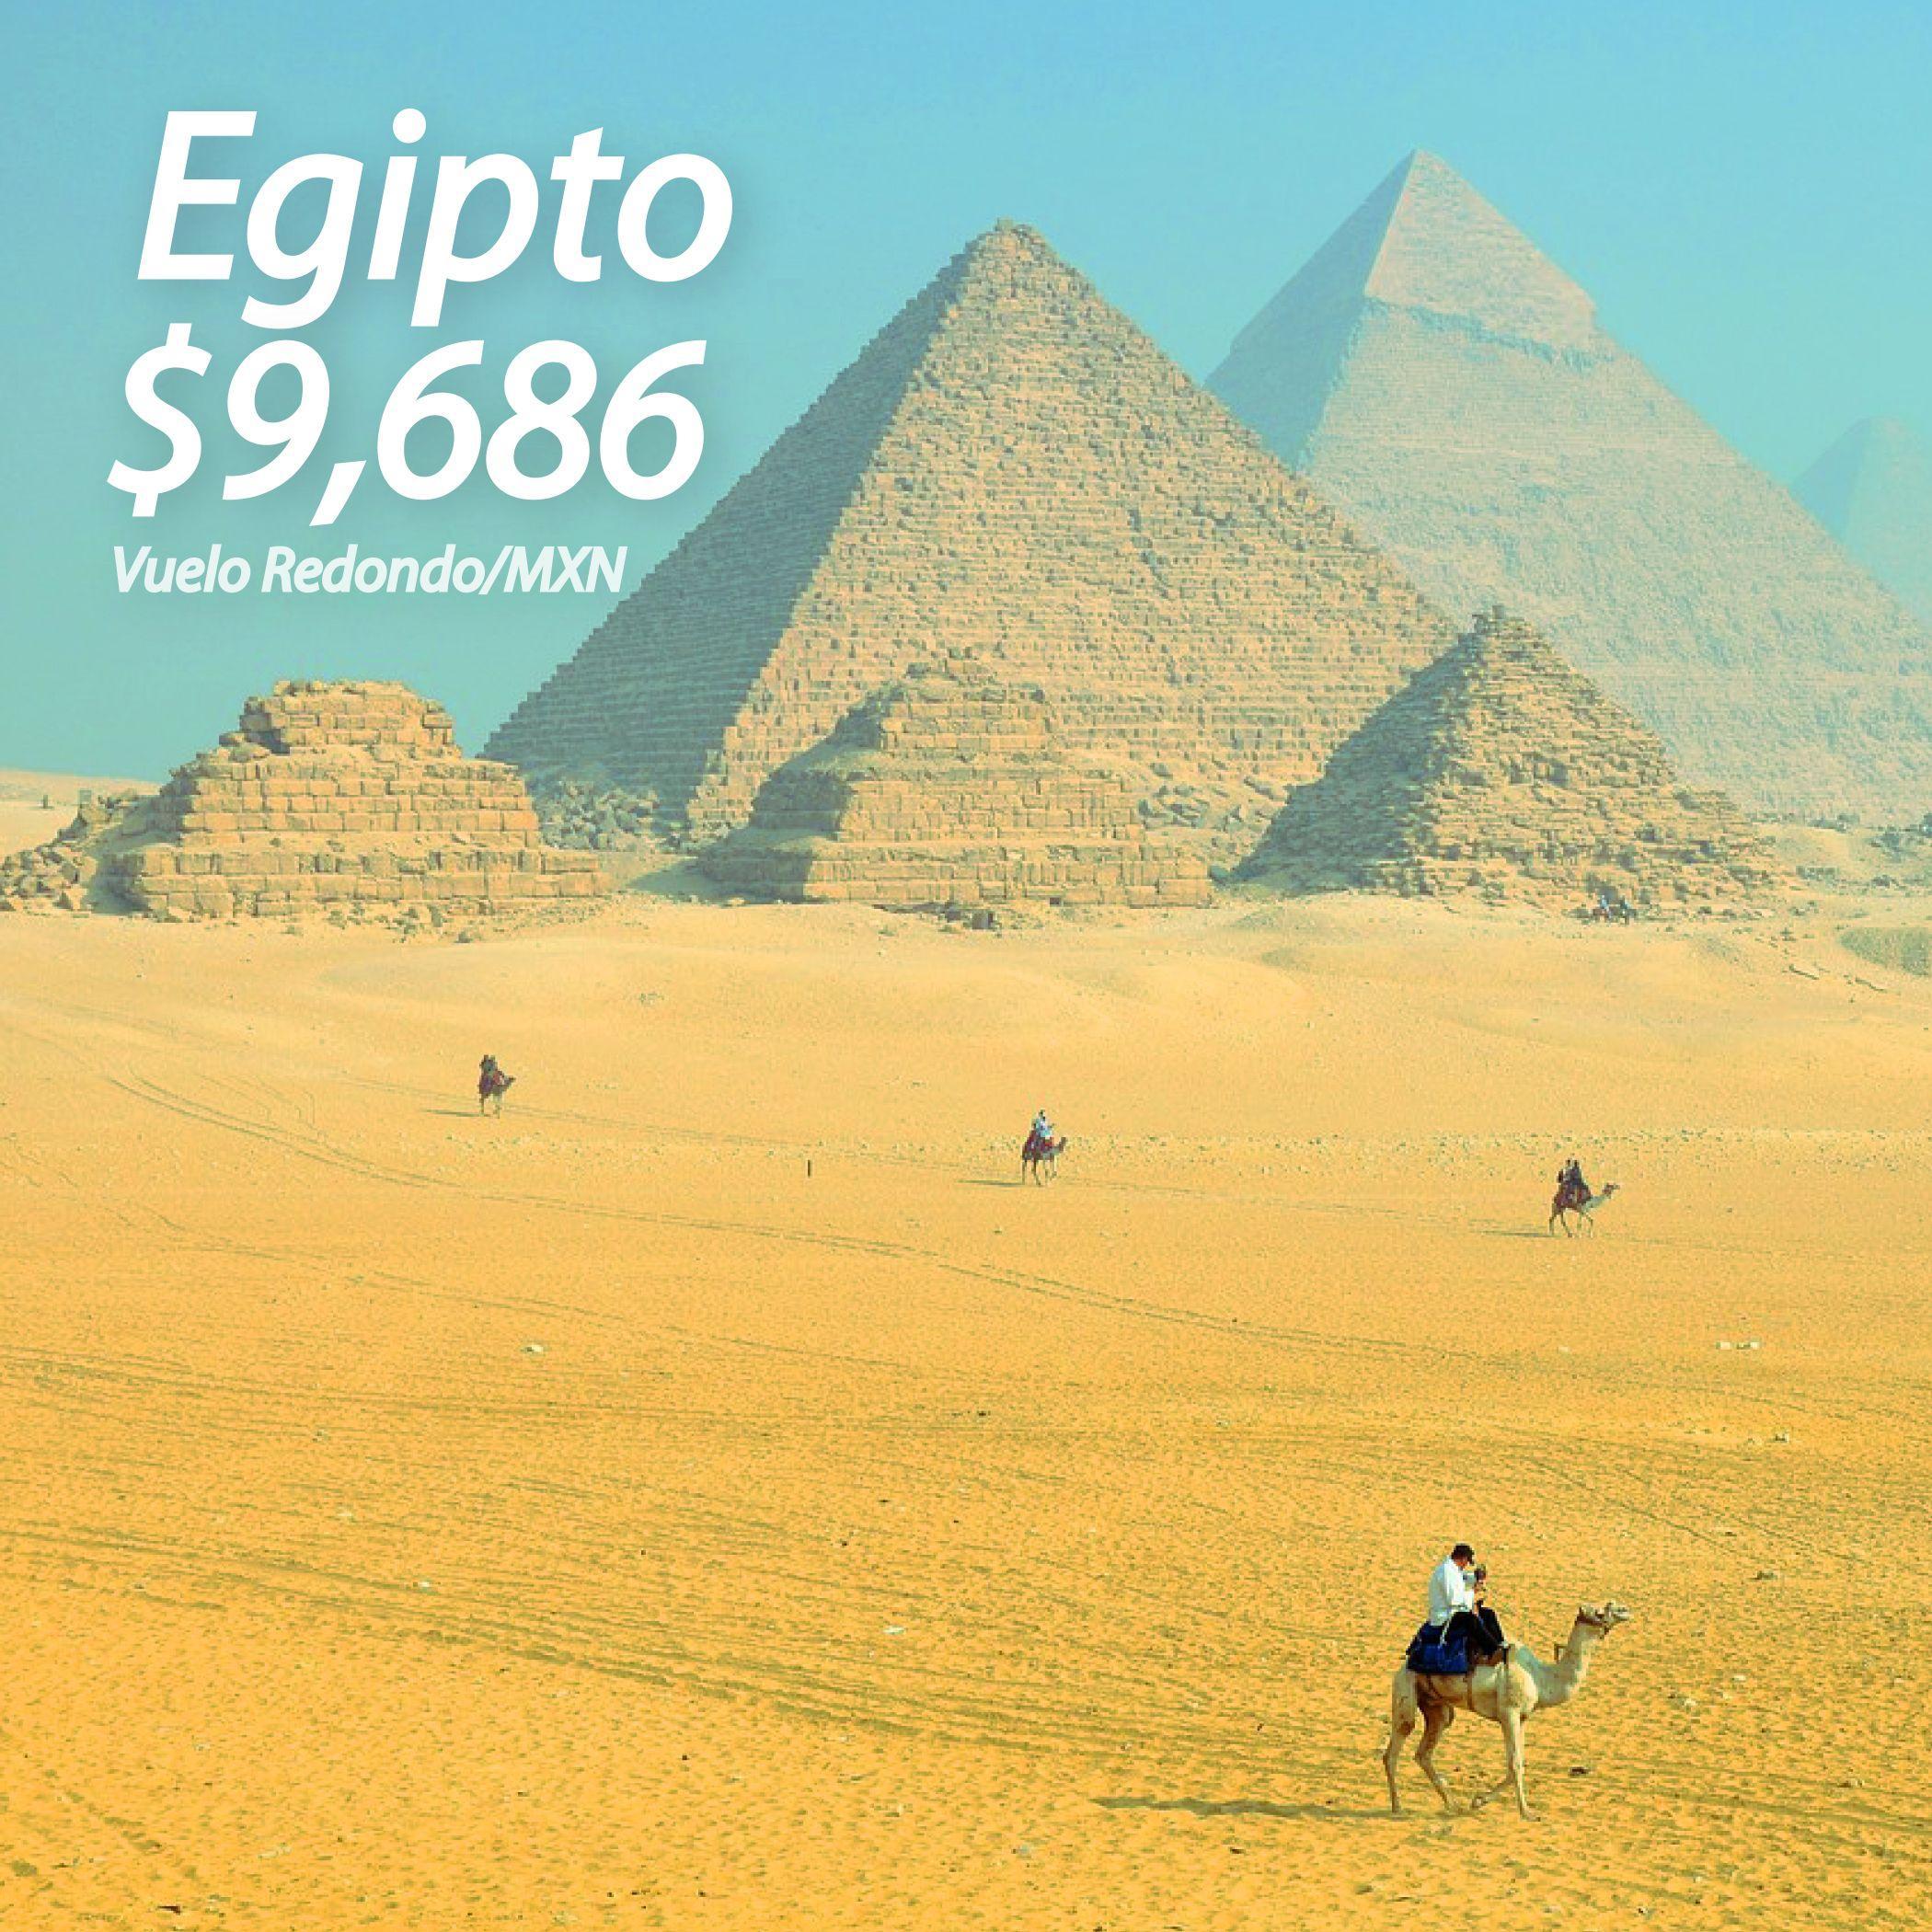 egip-compressor